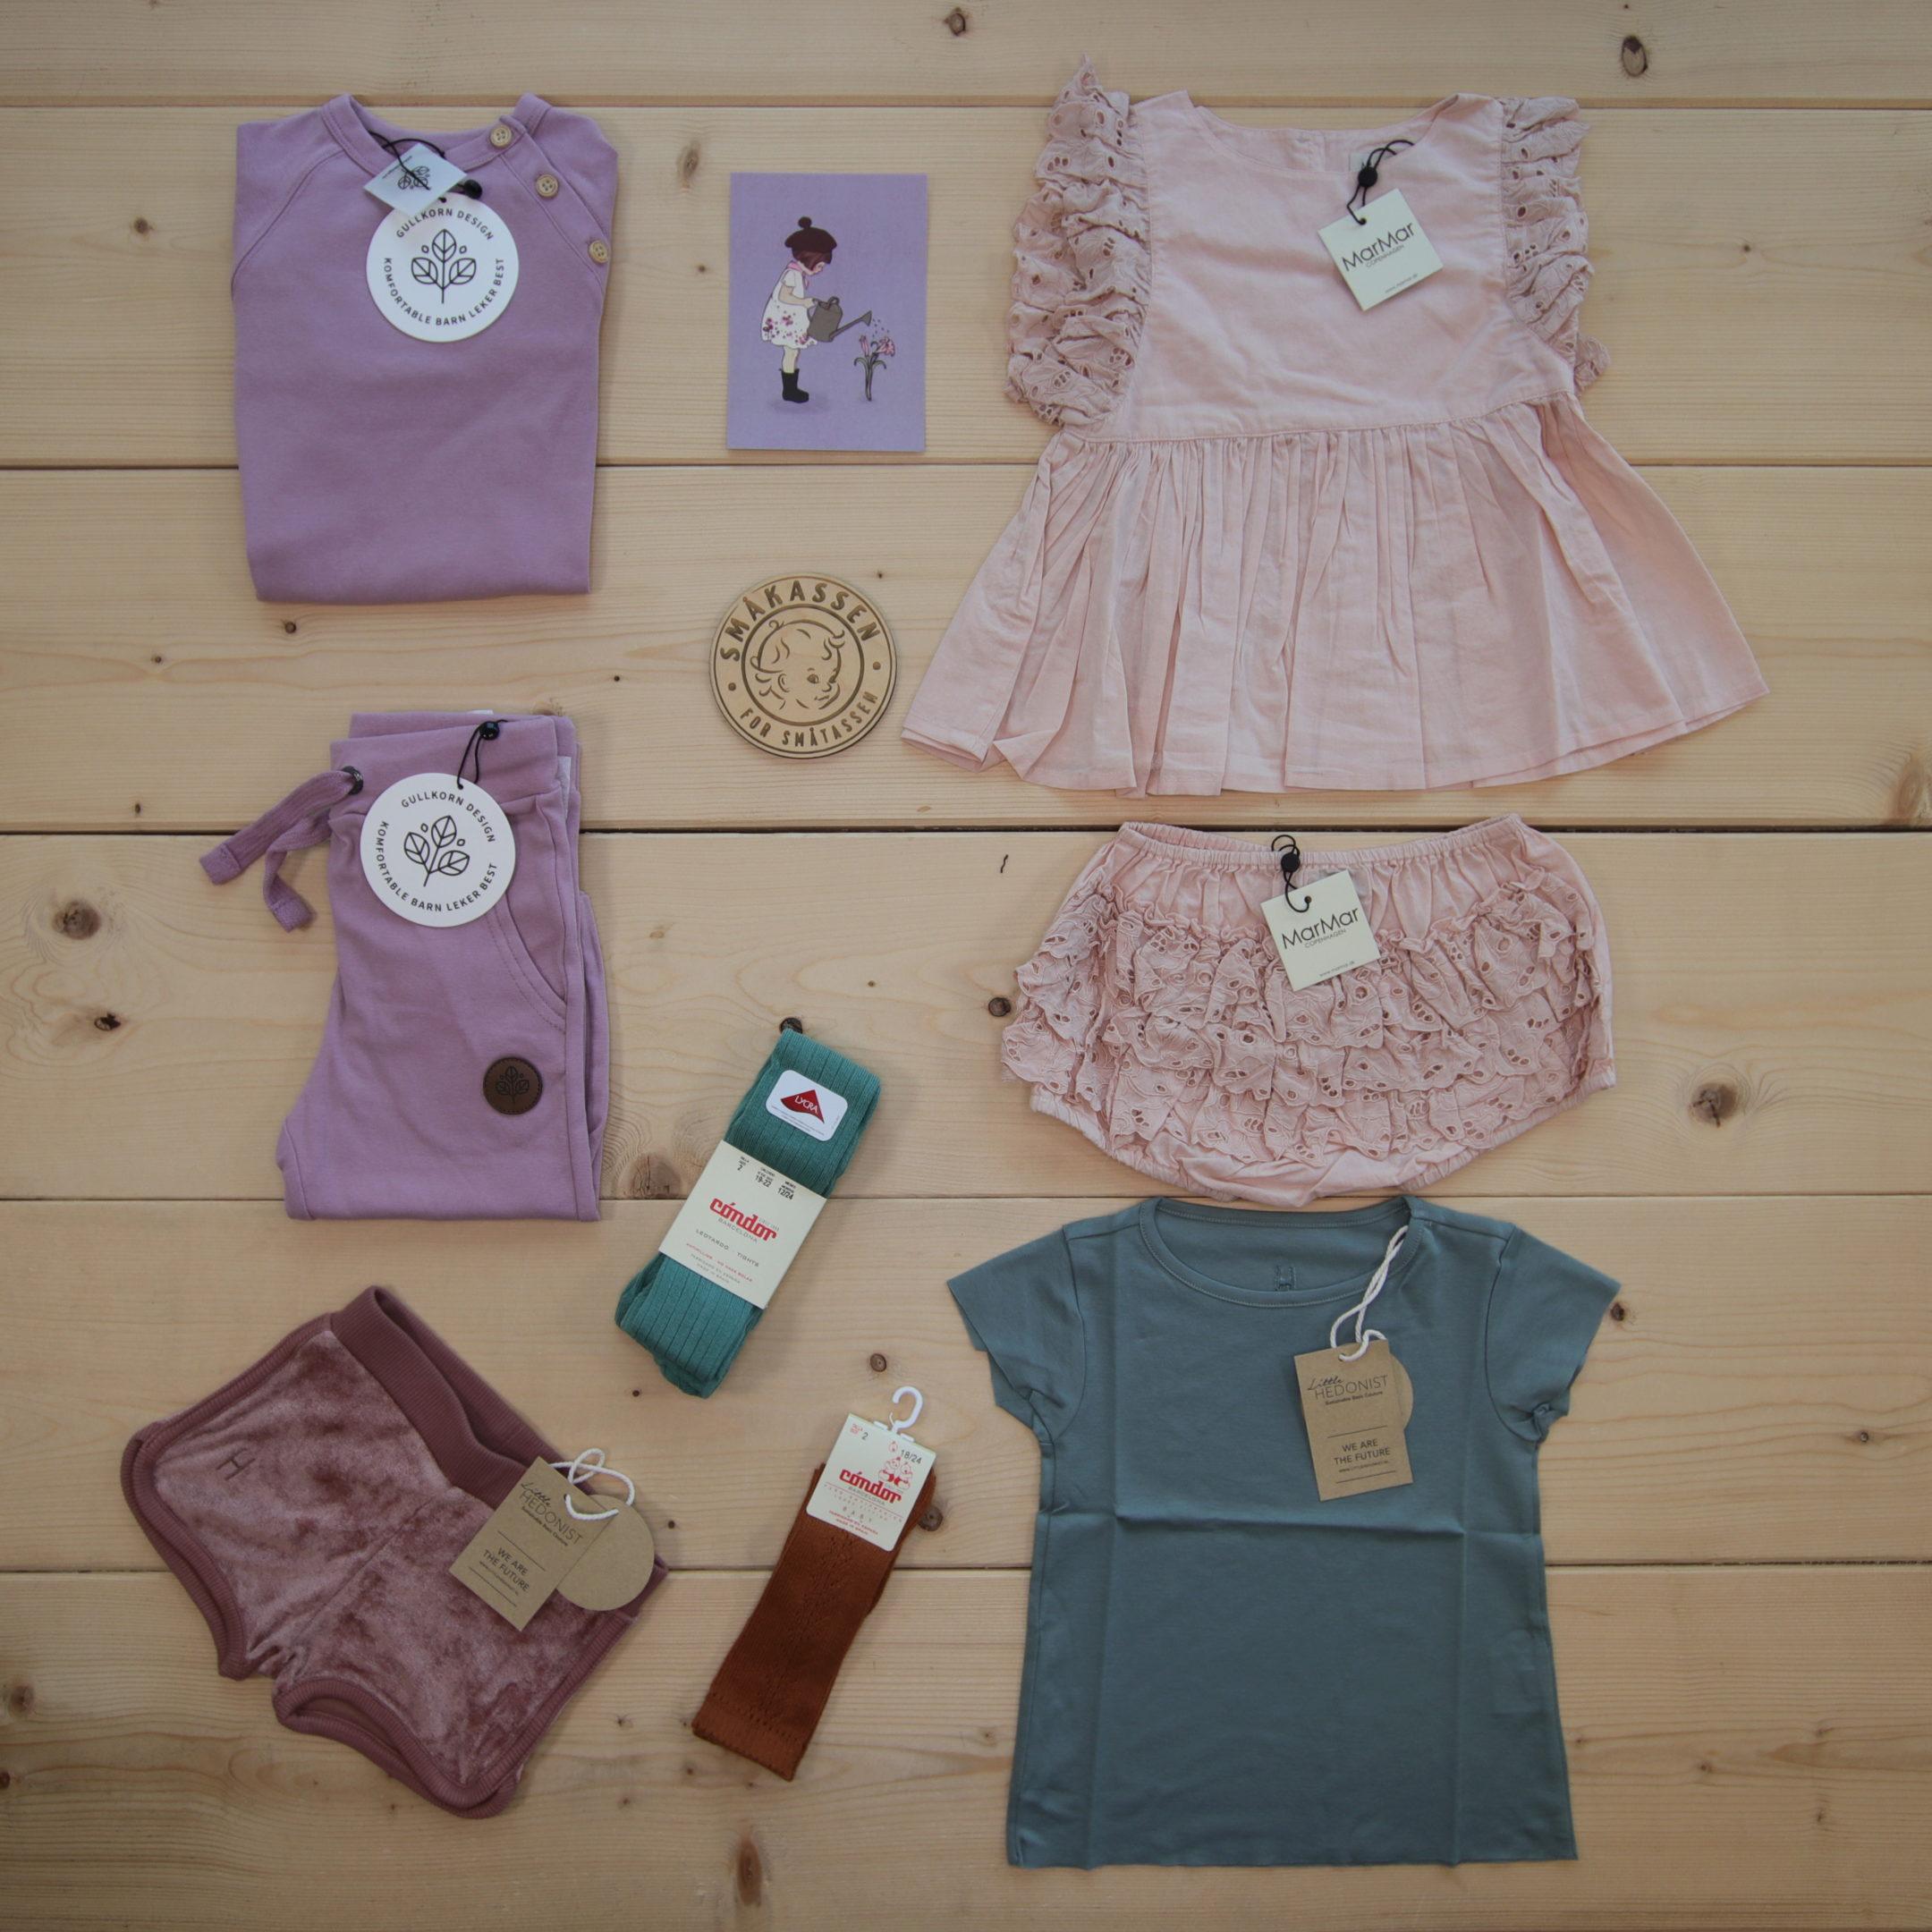 Dette er Småpakke som vi forberedte for en jente i stilene cute og minimalistic